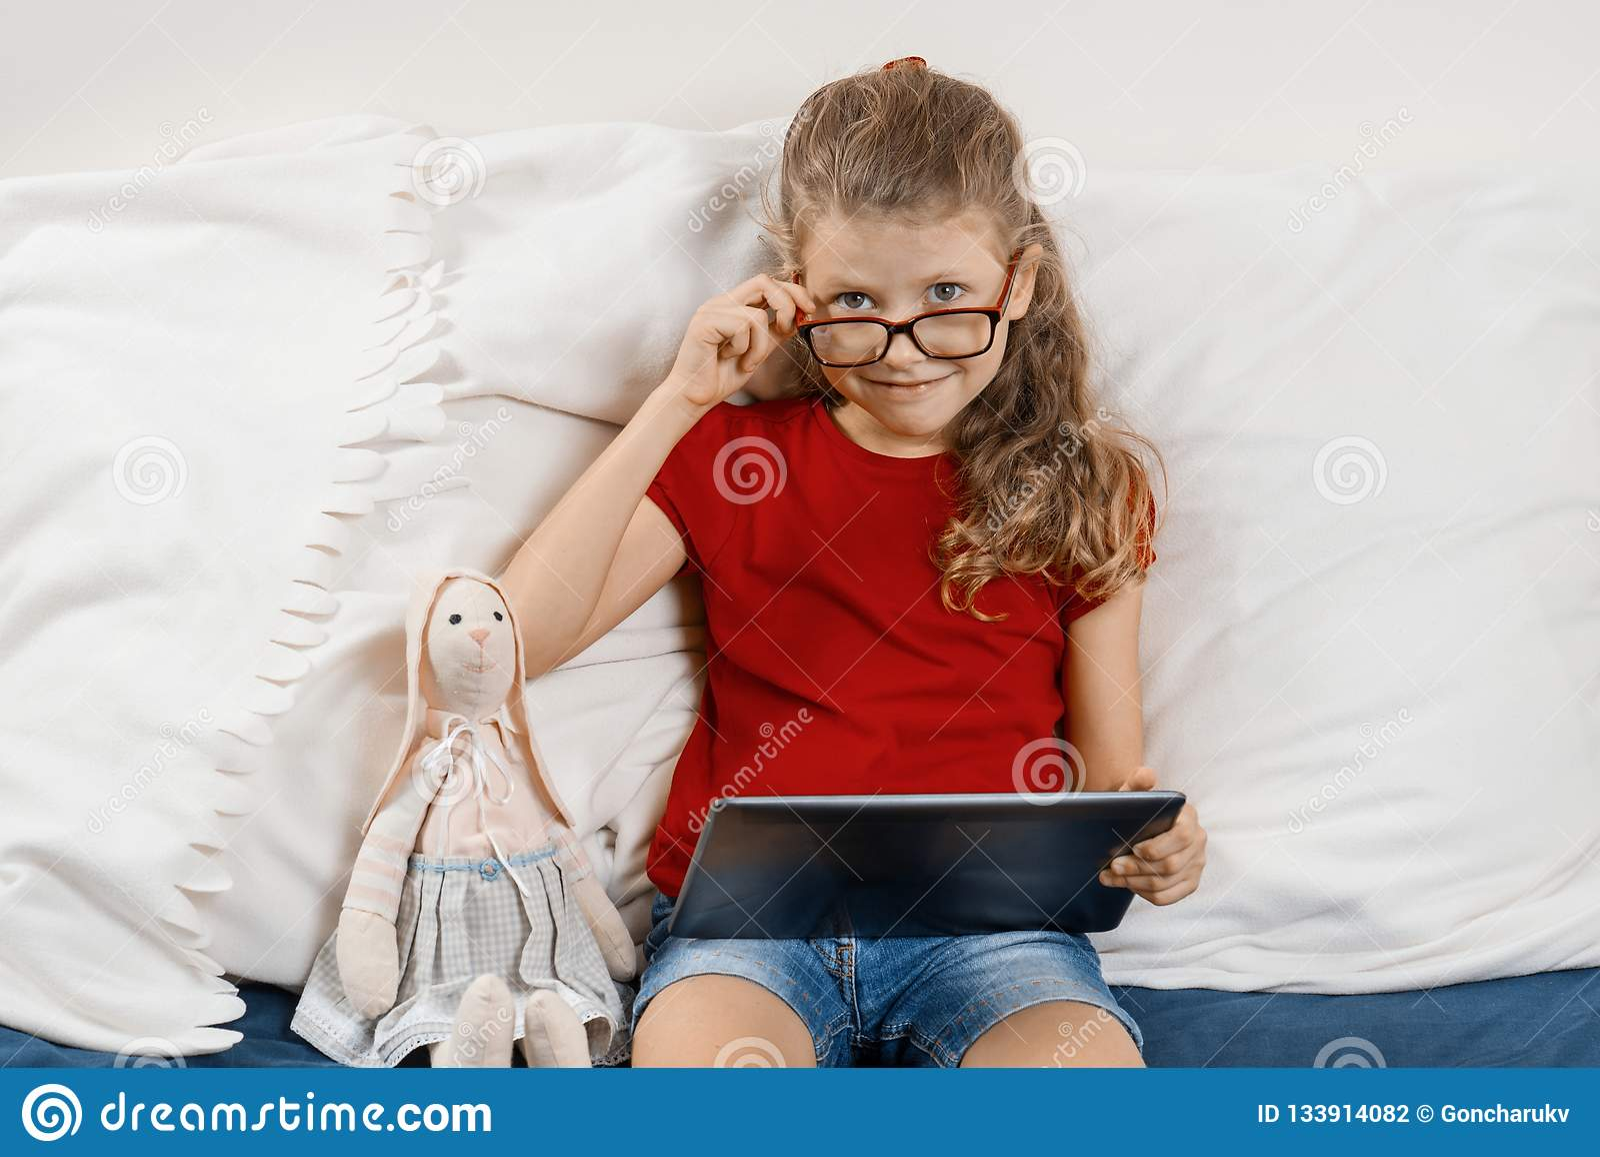 Piccolo ragazza graziosa in vetri che si siedono a casa a letto con il giocattolo e compressa digitale, resto e istruzione a casa